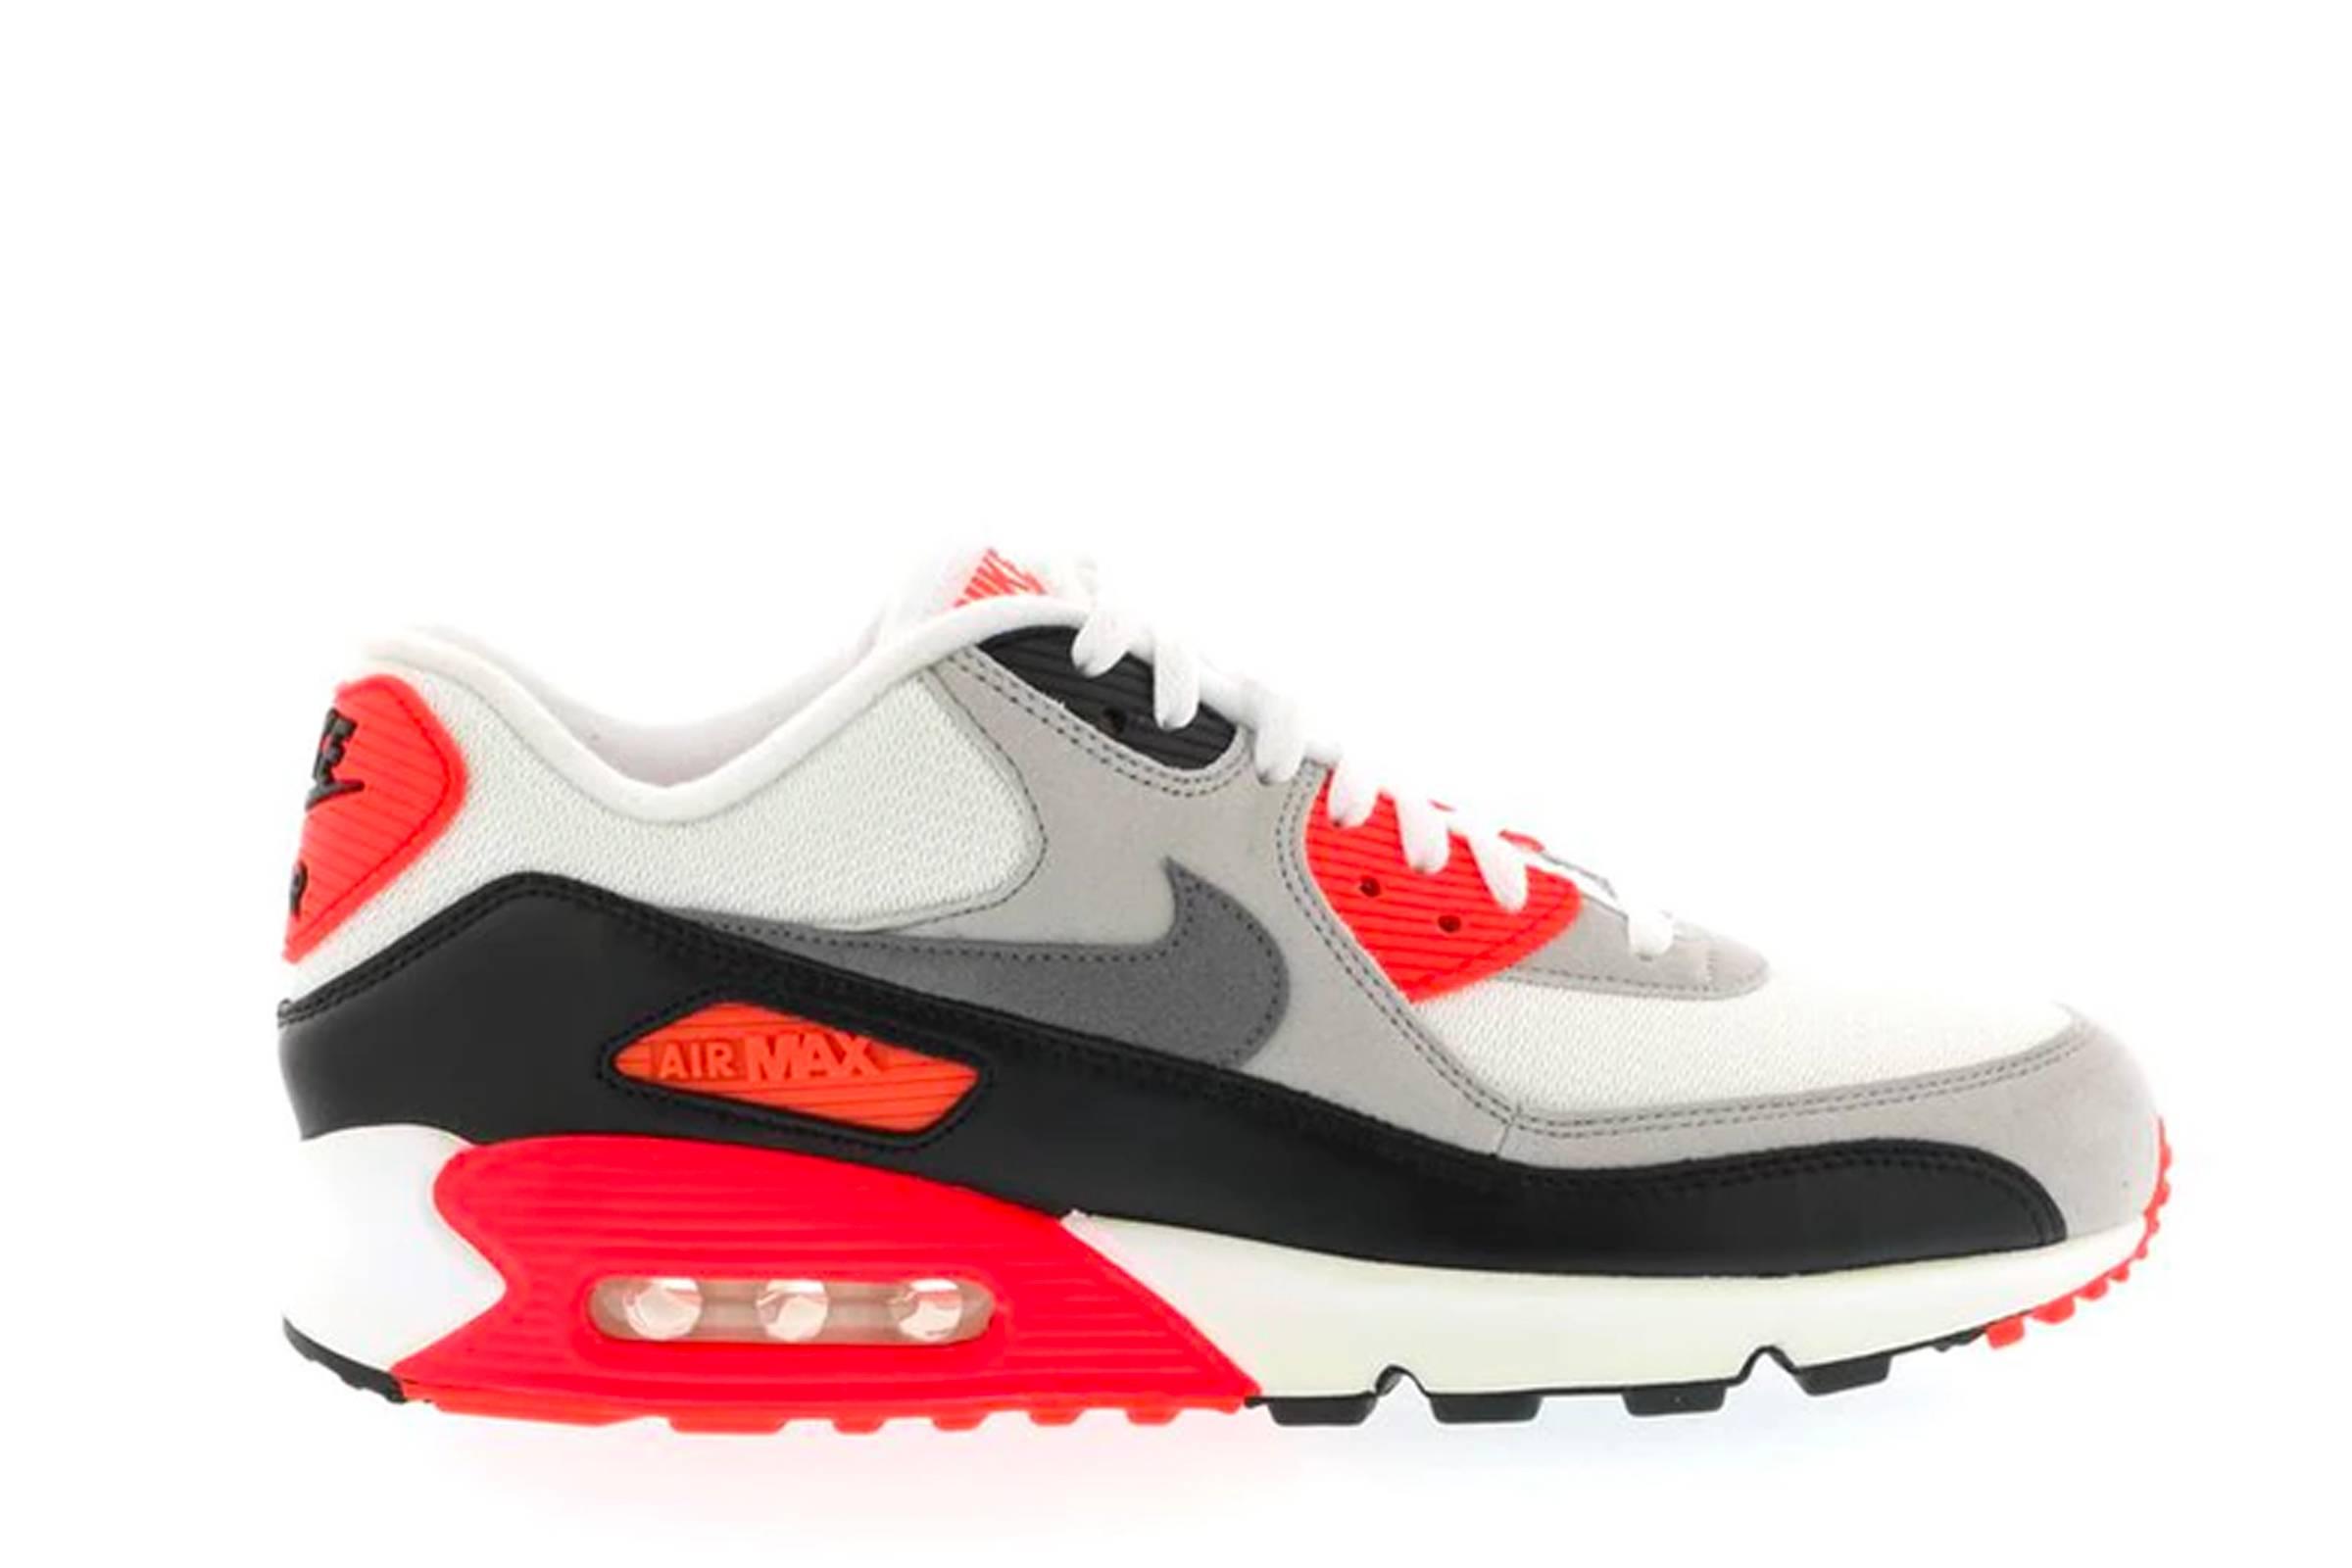 8. Nike Air Max 90